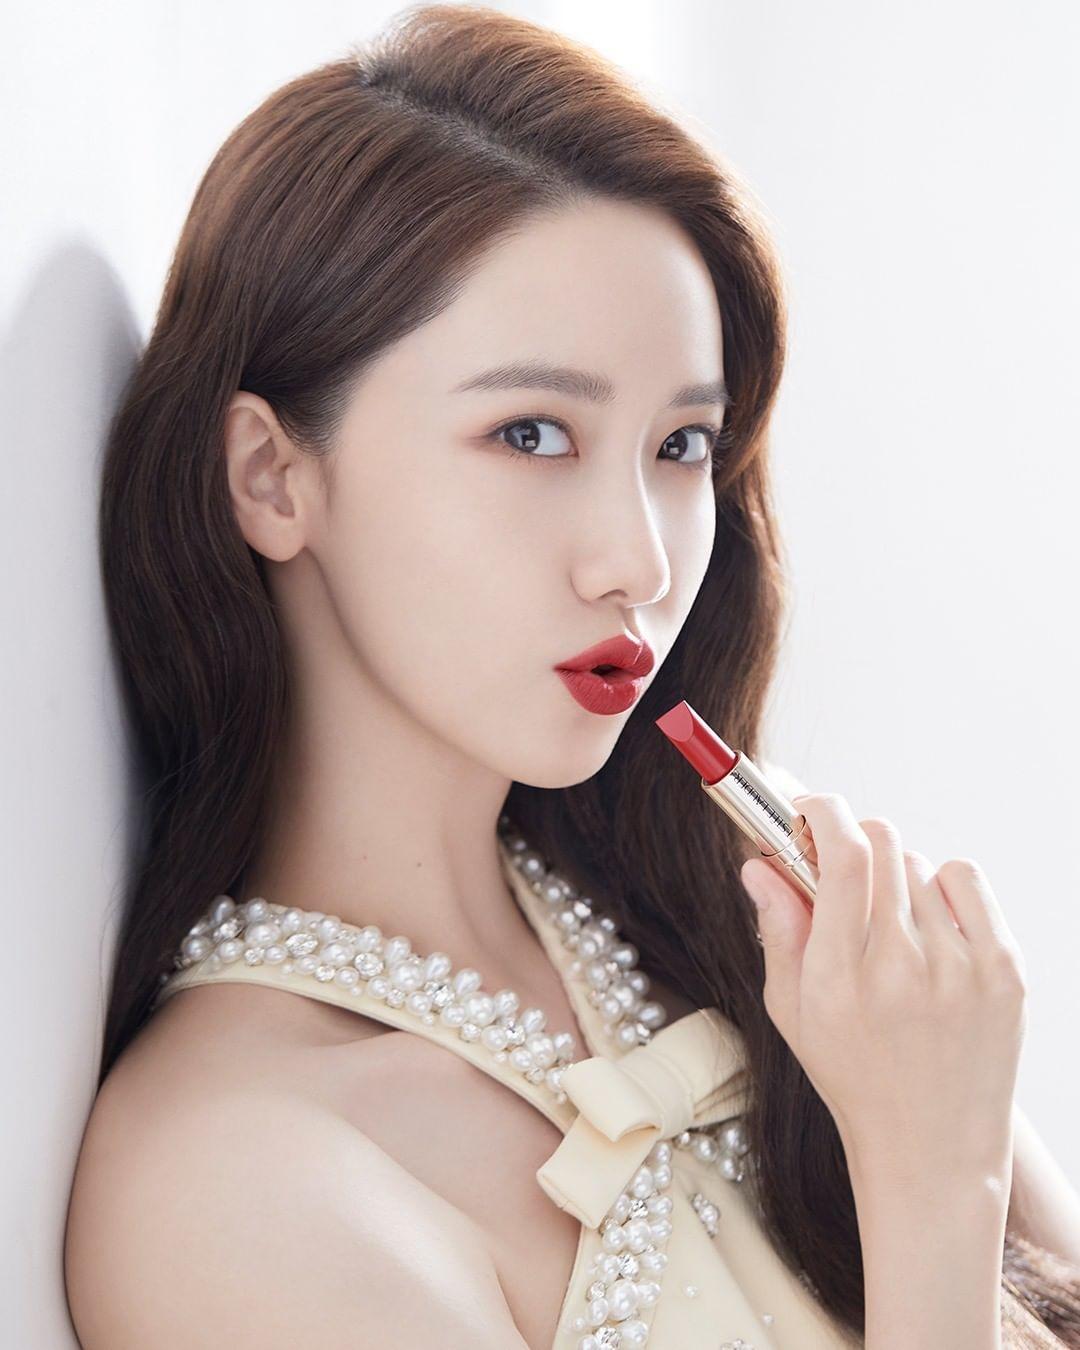 Girls Generation's Yoona for Estee Lauder